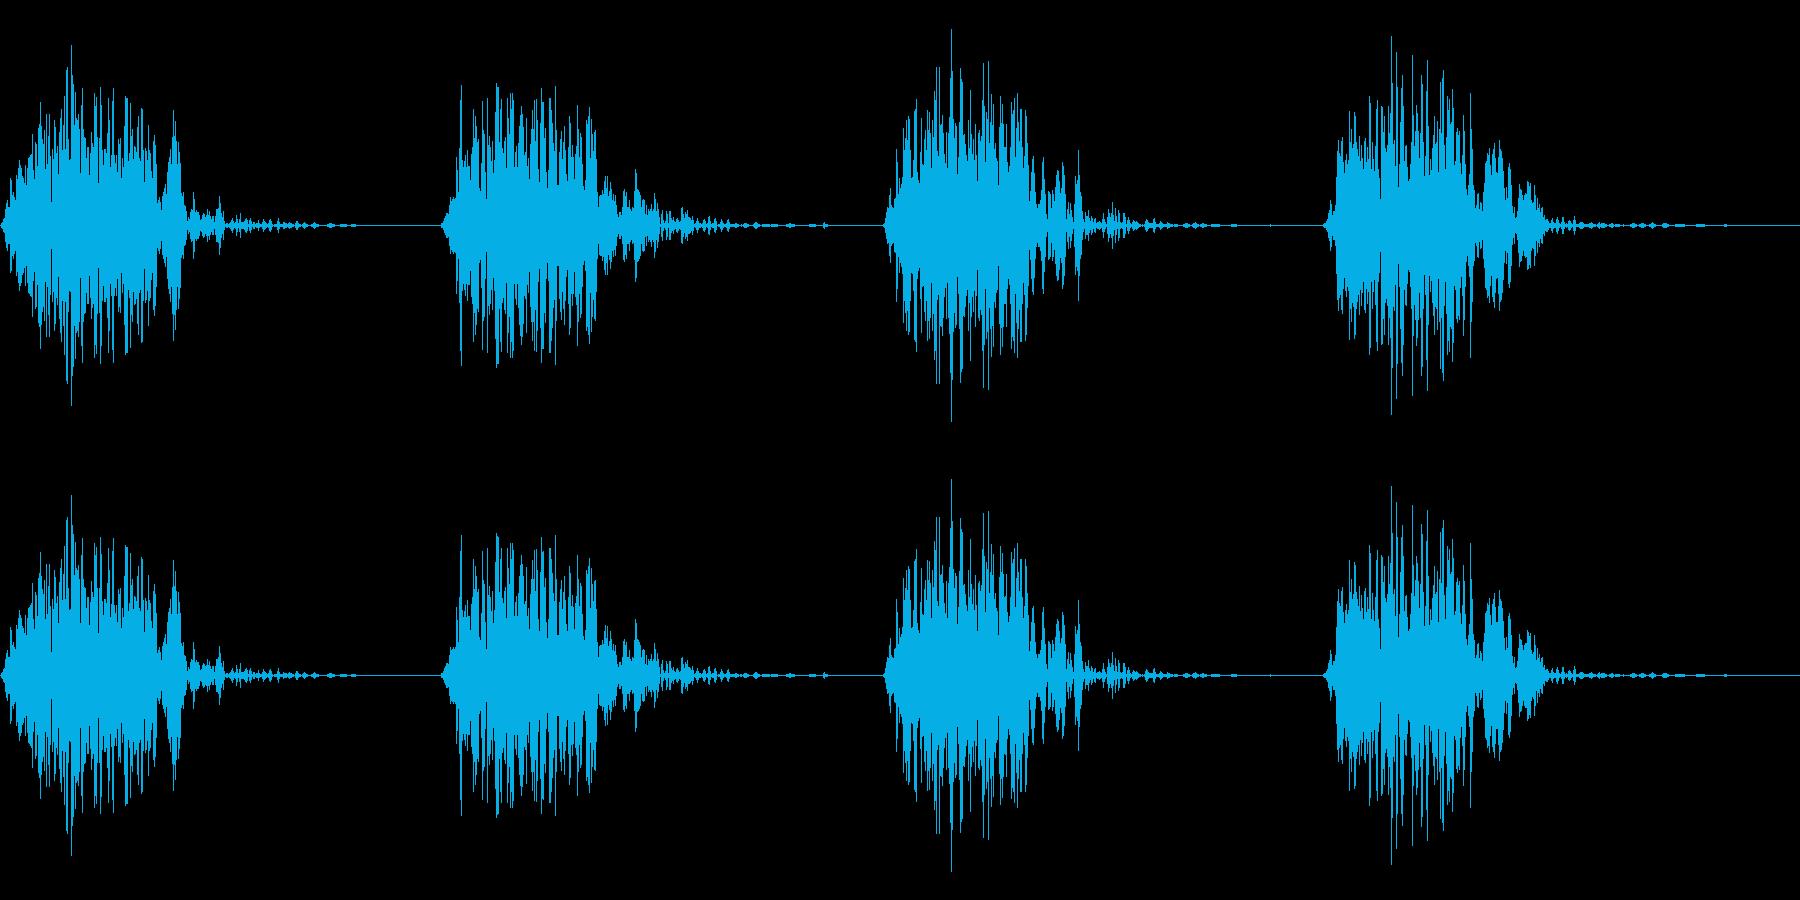 ガブガブ(かじる/噛む/食べる)の再生済みの波形